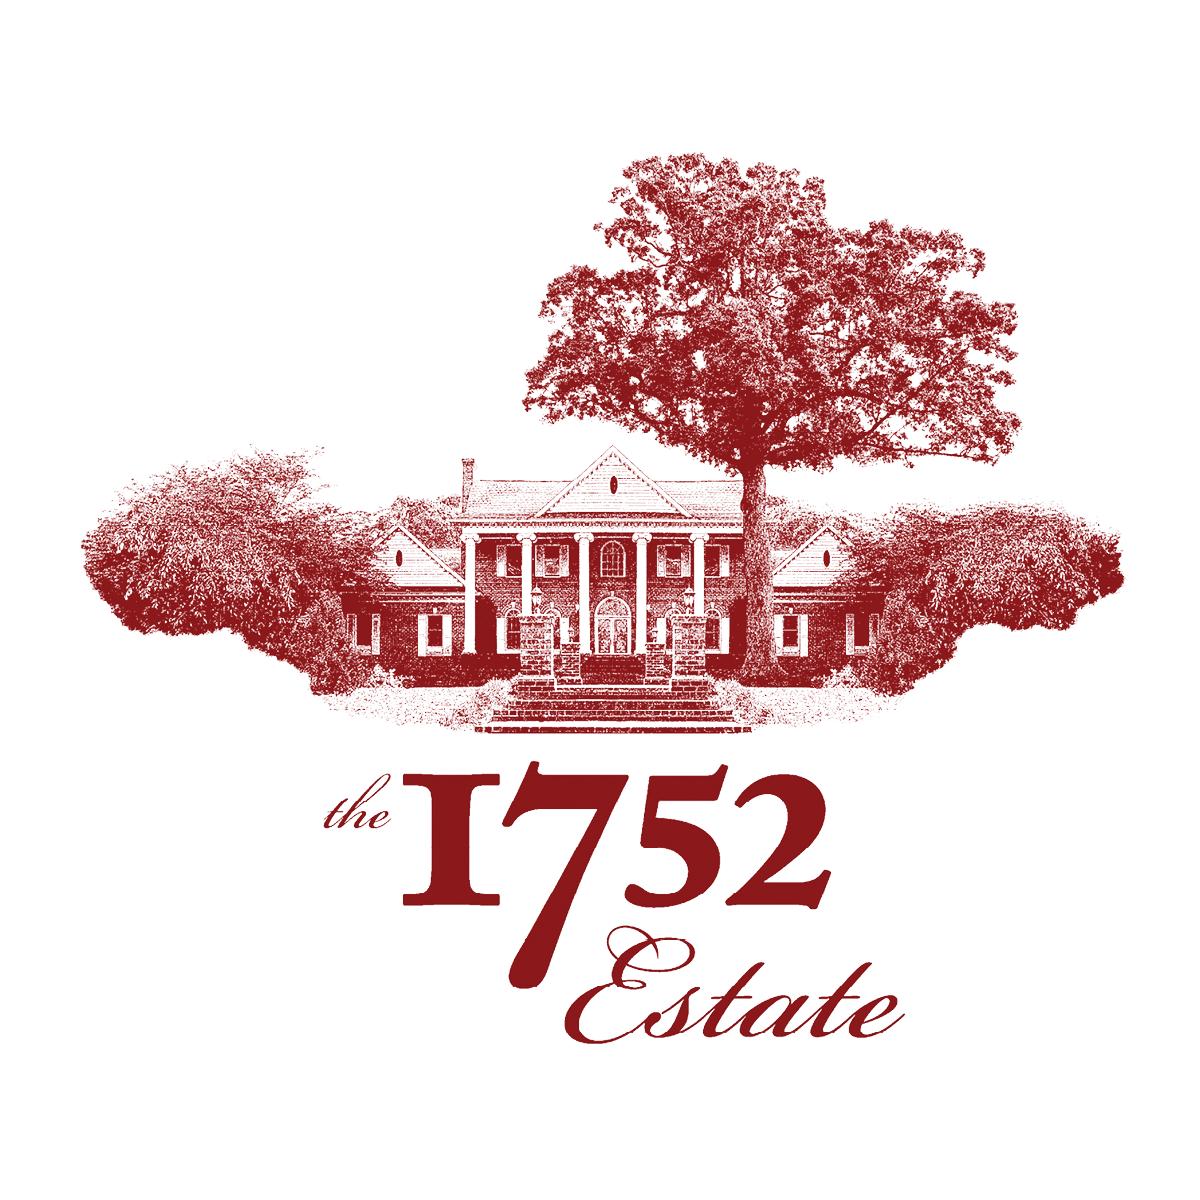 The 1752 Estate